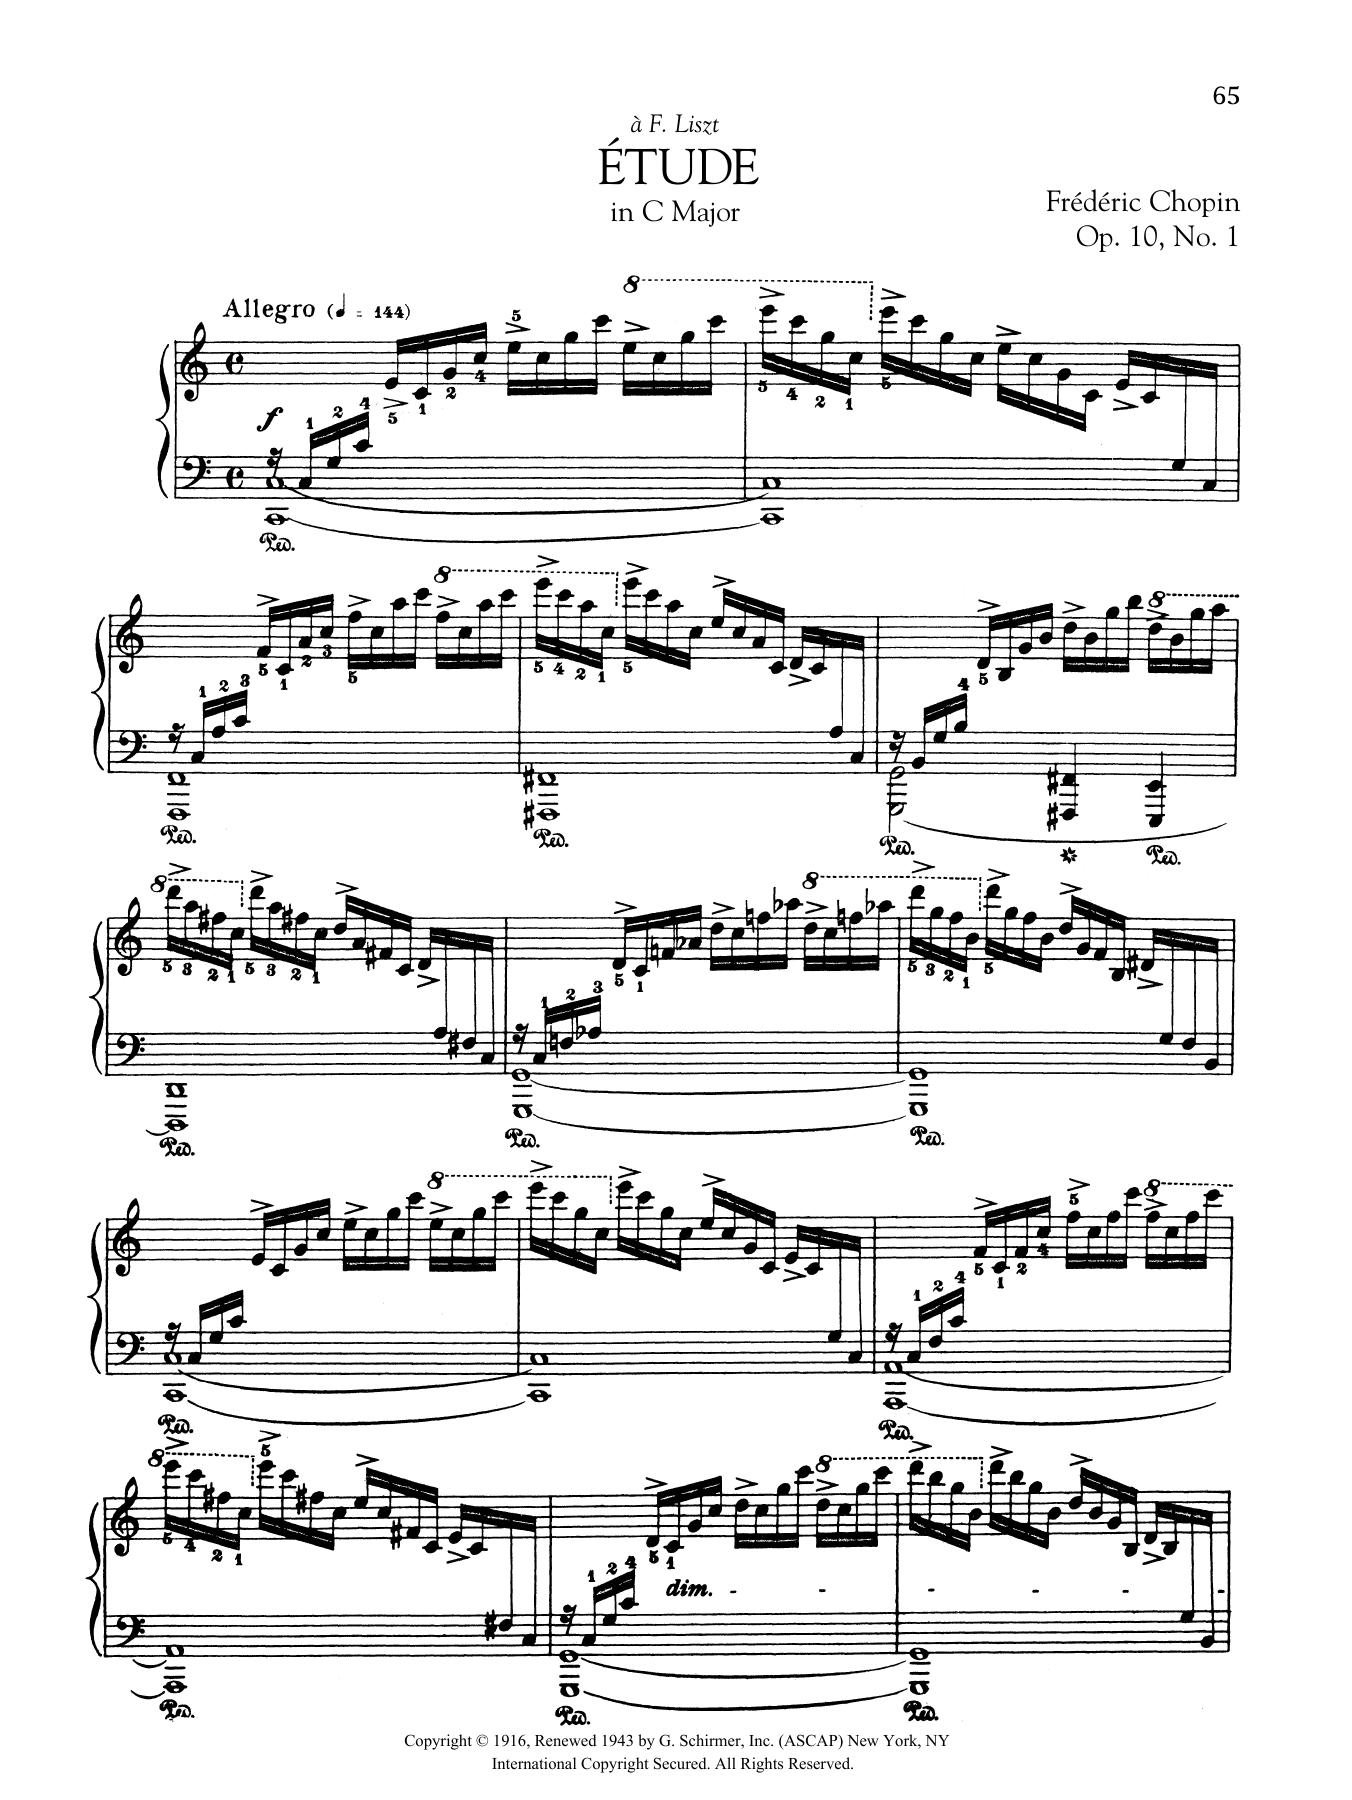 Etude in C Major, Op. 10, No. 1 Sheet Music